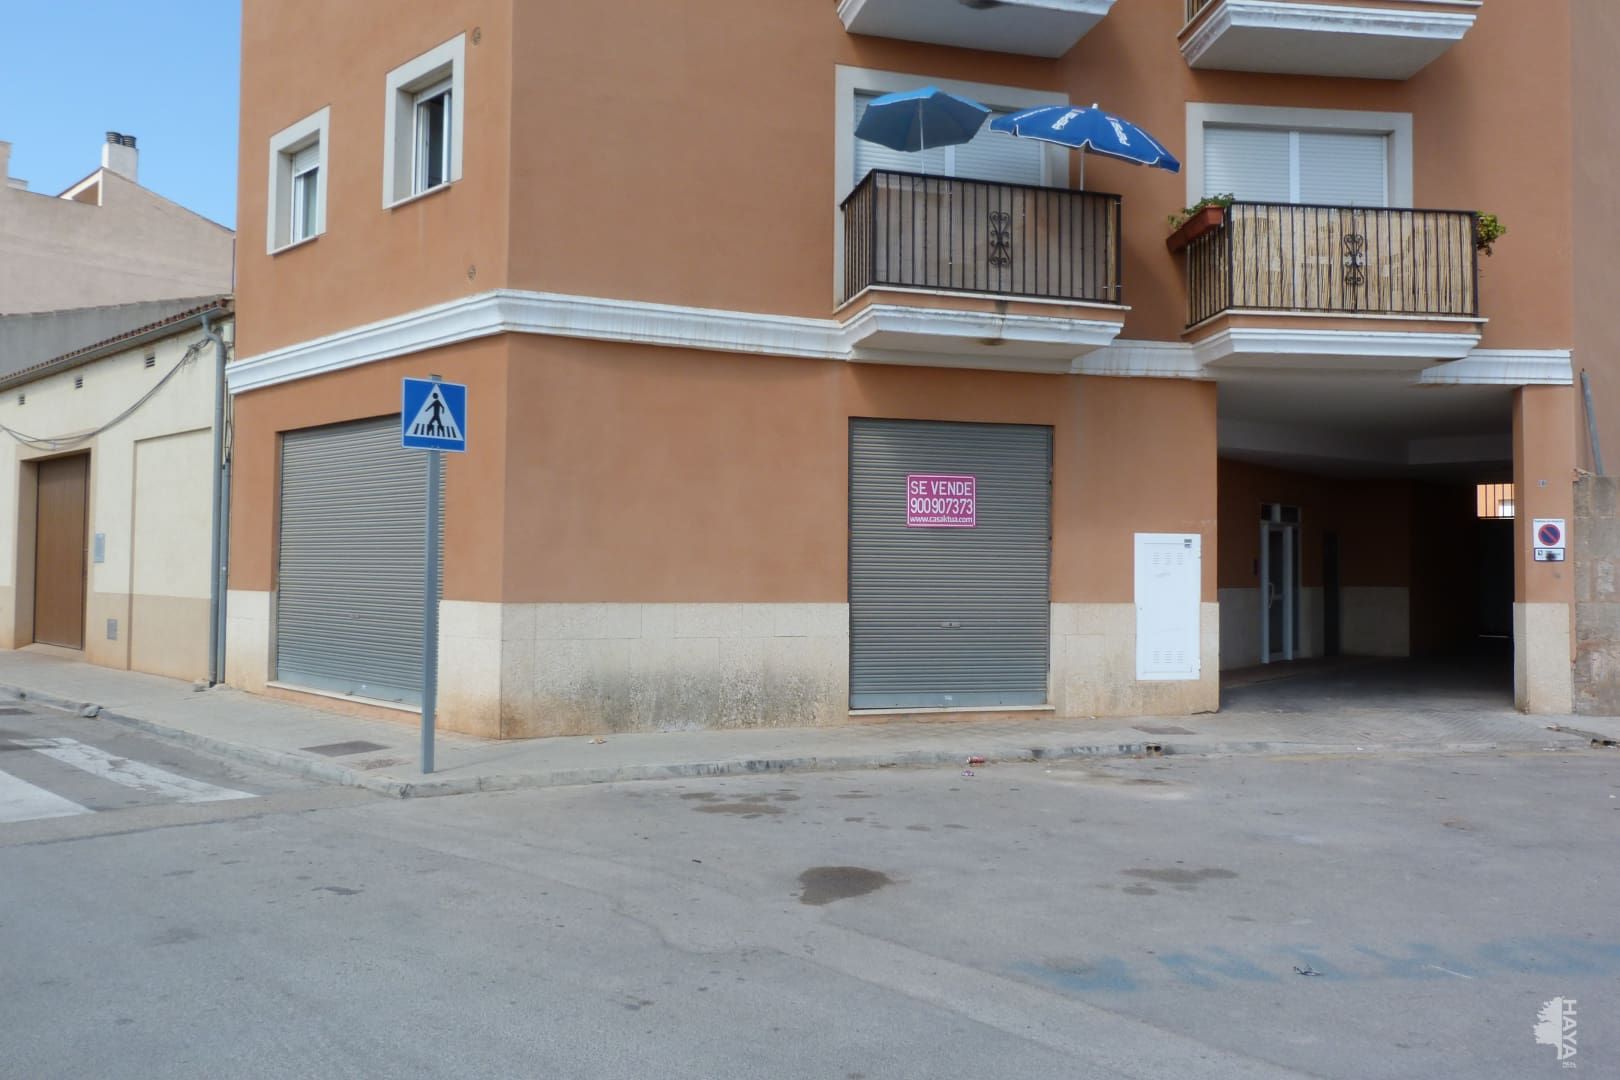 Local en venta en Campos, Baleares, Calle Calle Manacor, 103.169 €, 104 m2